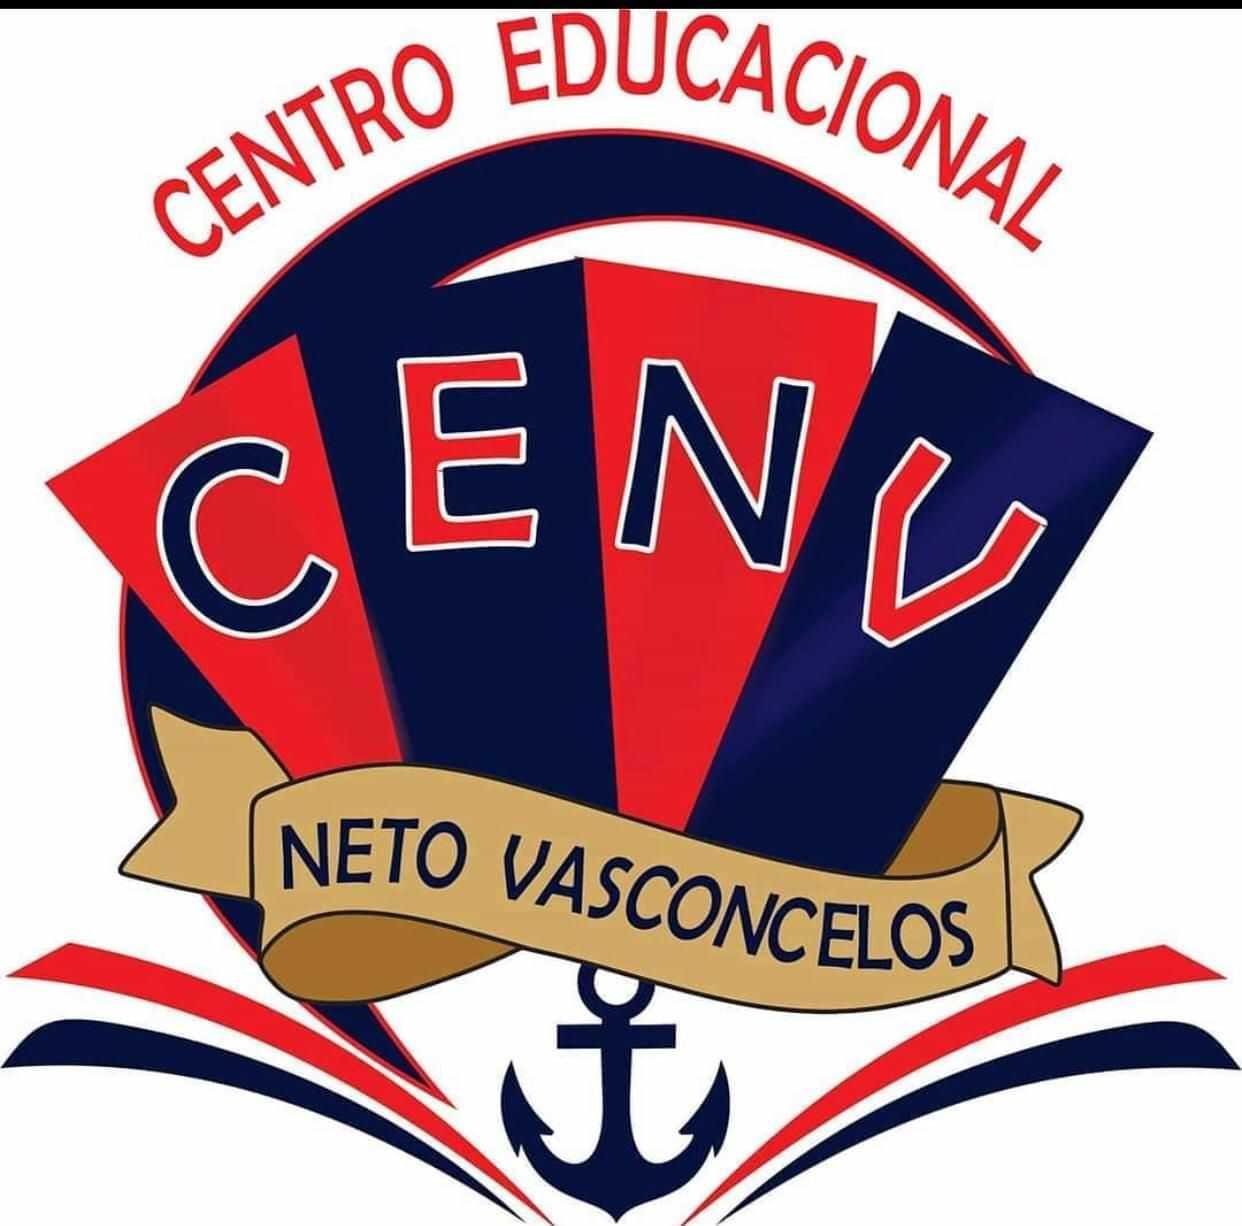 Centro Educacional José Gomes de Vasconcelos Neto